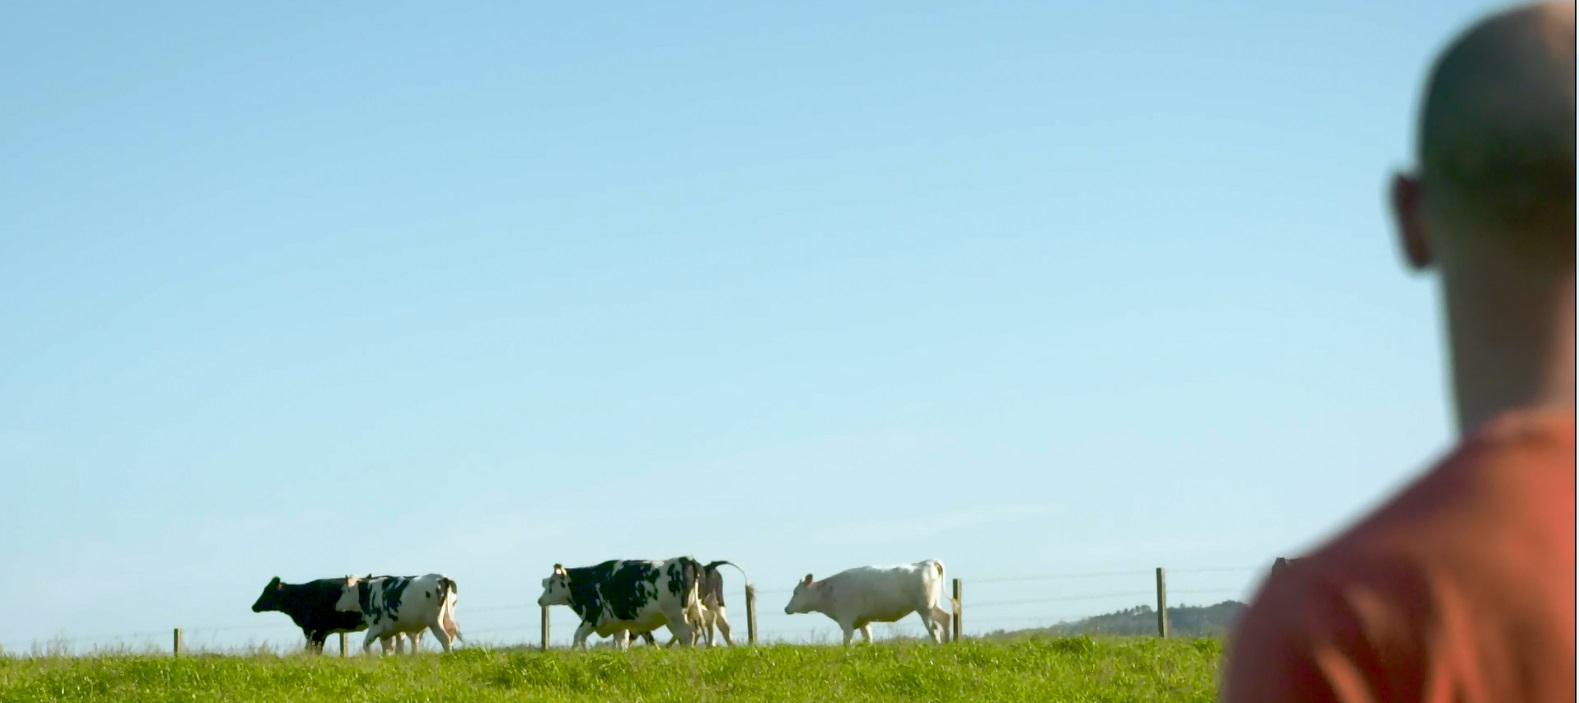 Ganaderos e industrias lácteas: Compromiso con la sostenibilidad